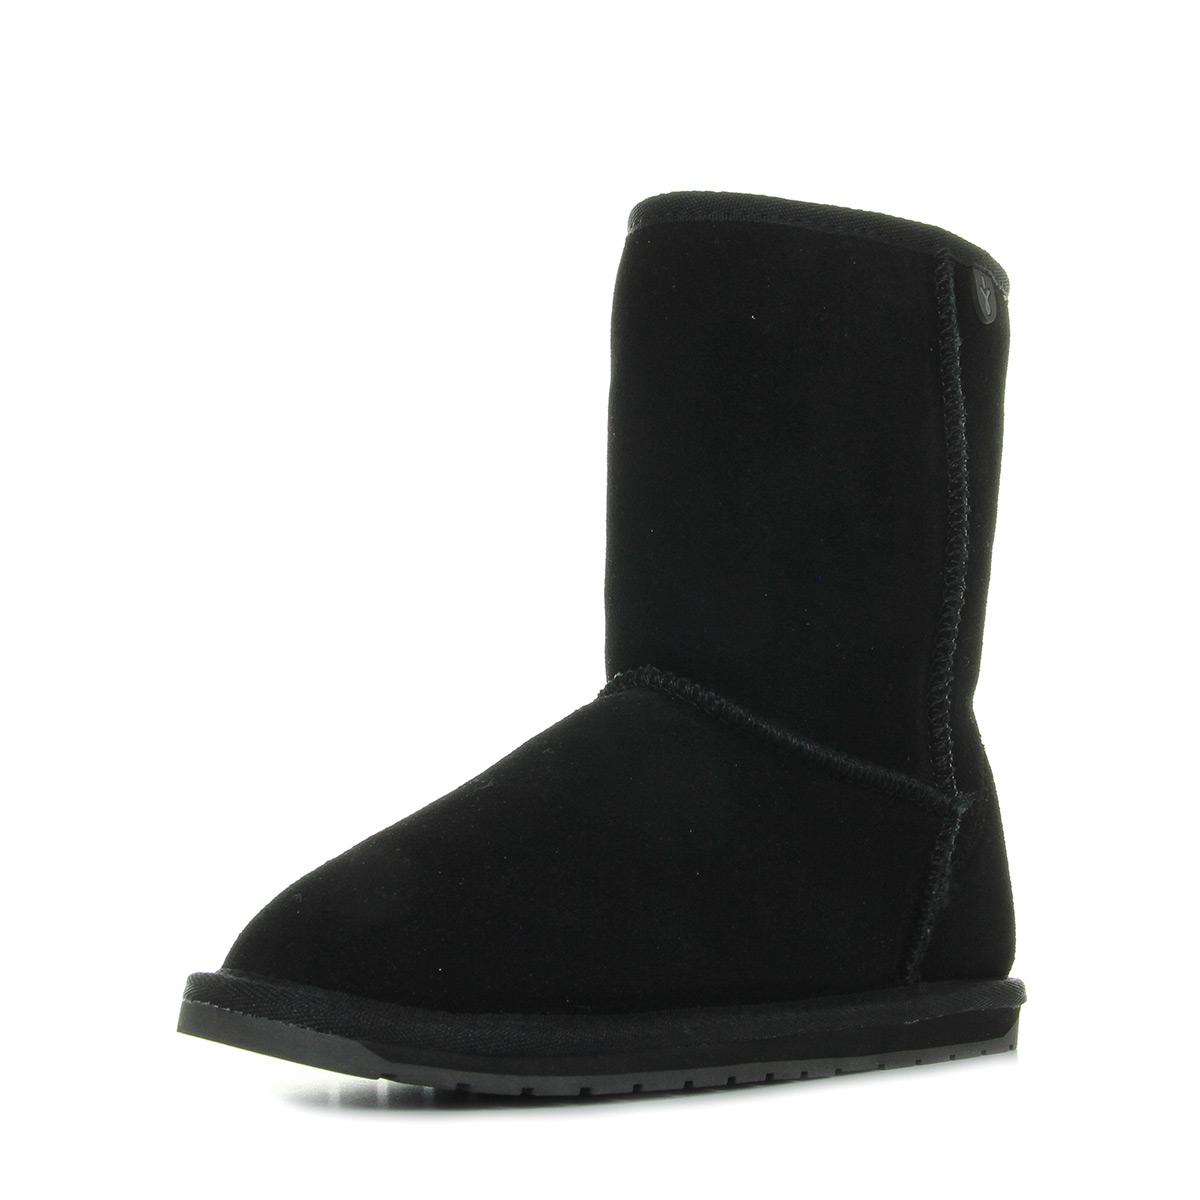 Femme Wallaby Lo Boots Black T10102black Emu Australia Teens fq45cWny0F